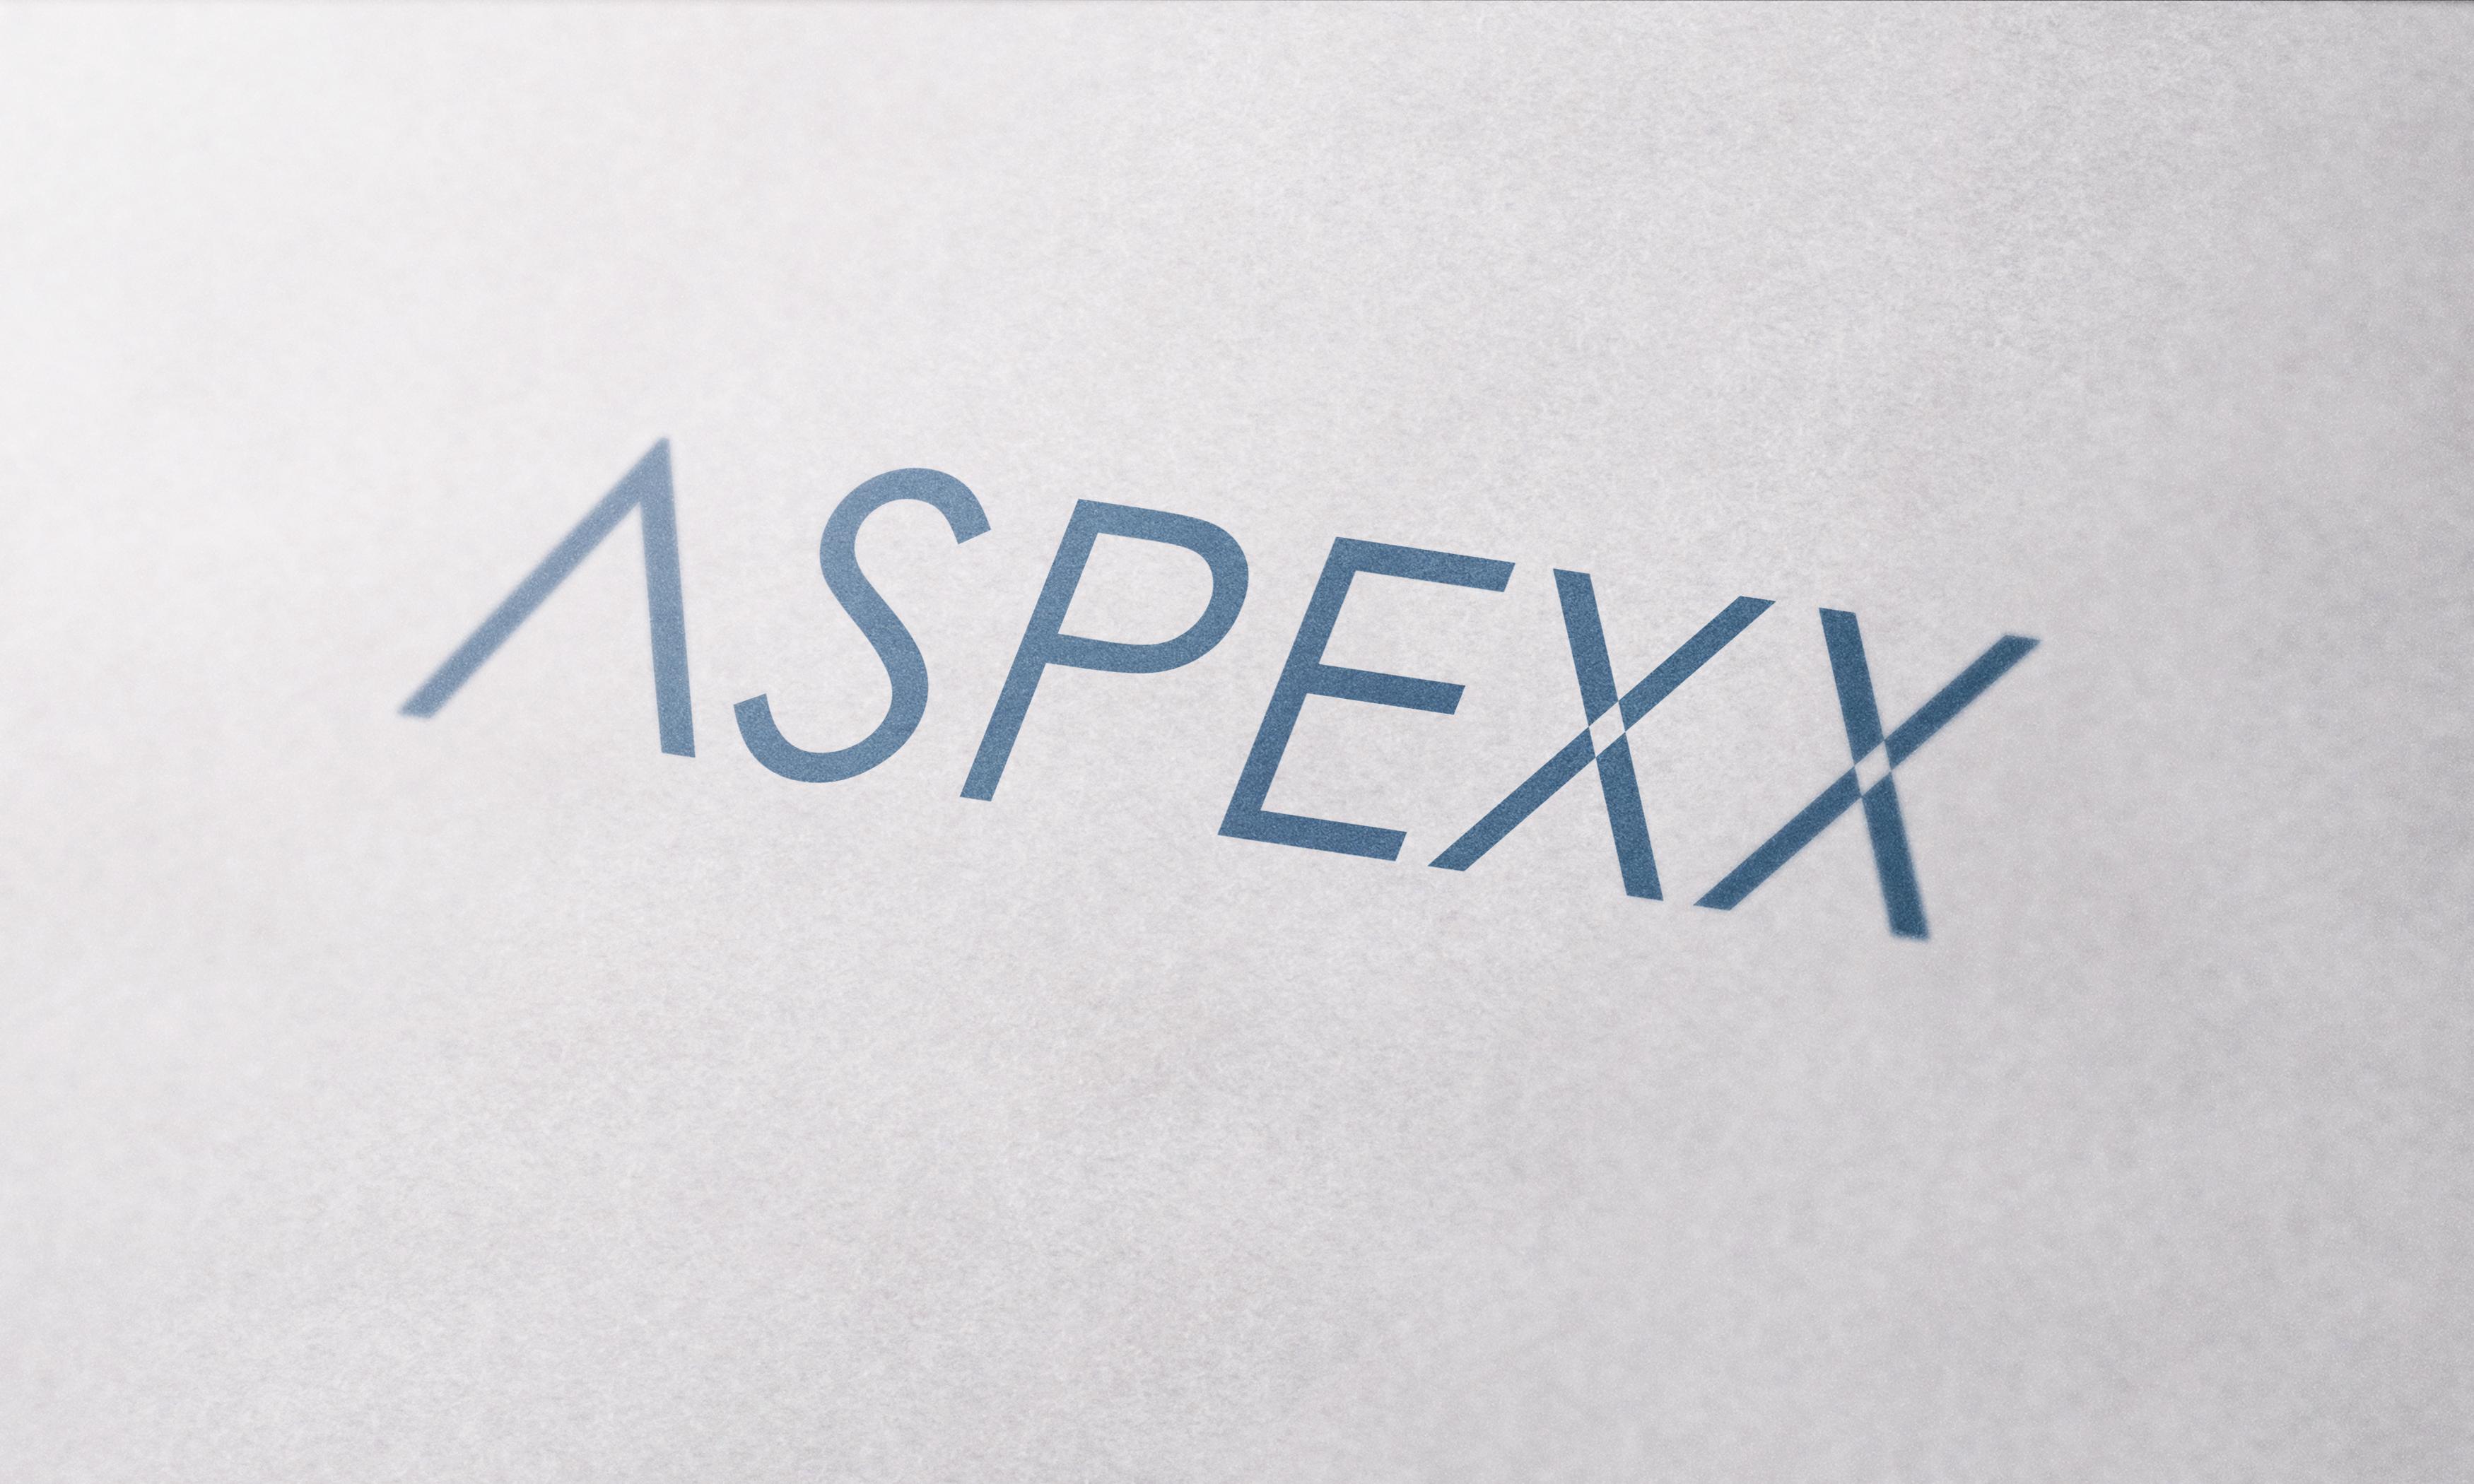 Aspexx